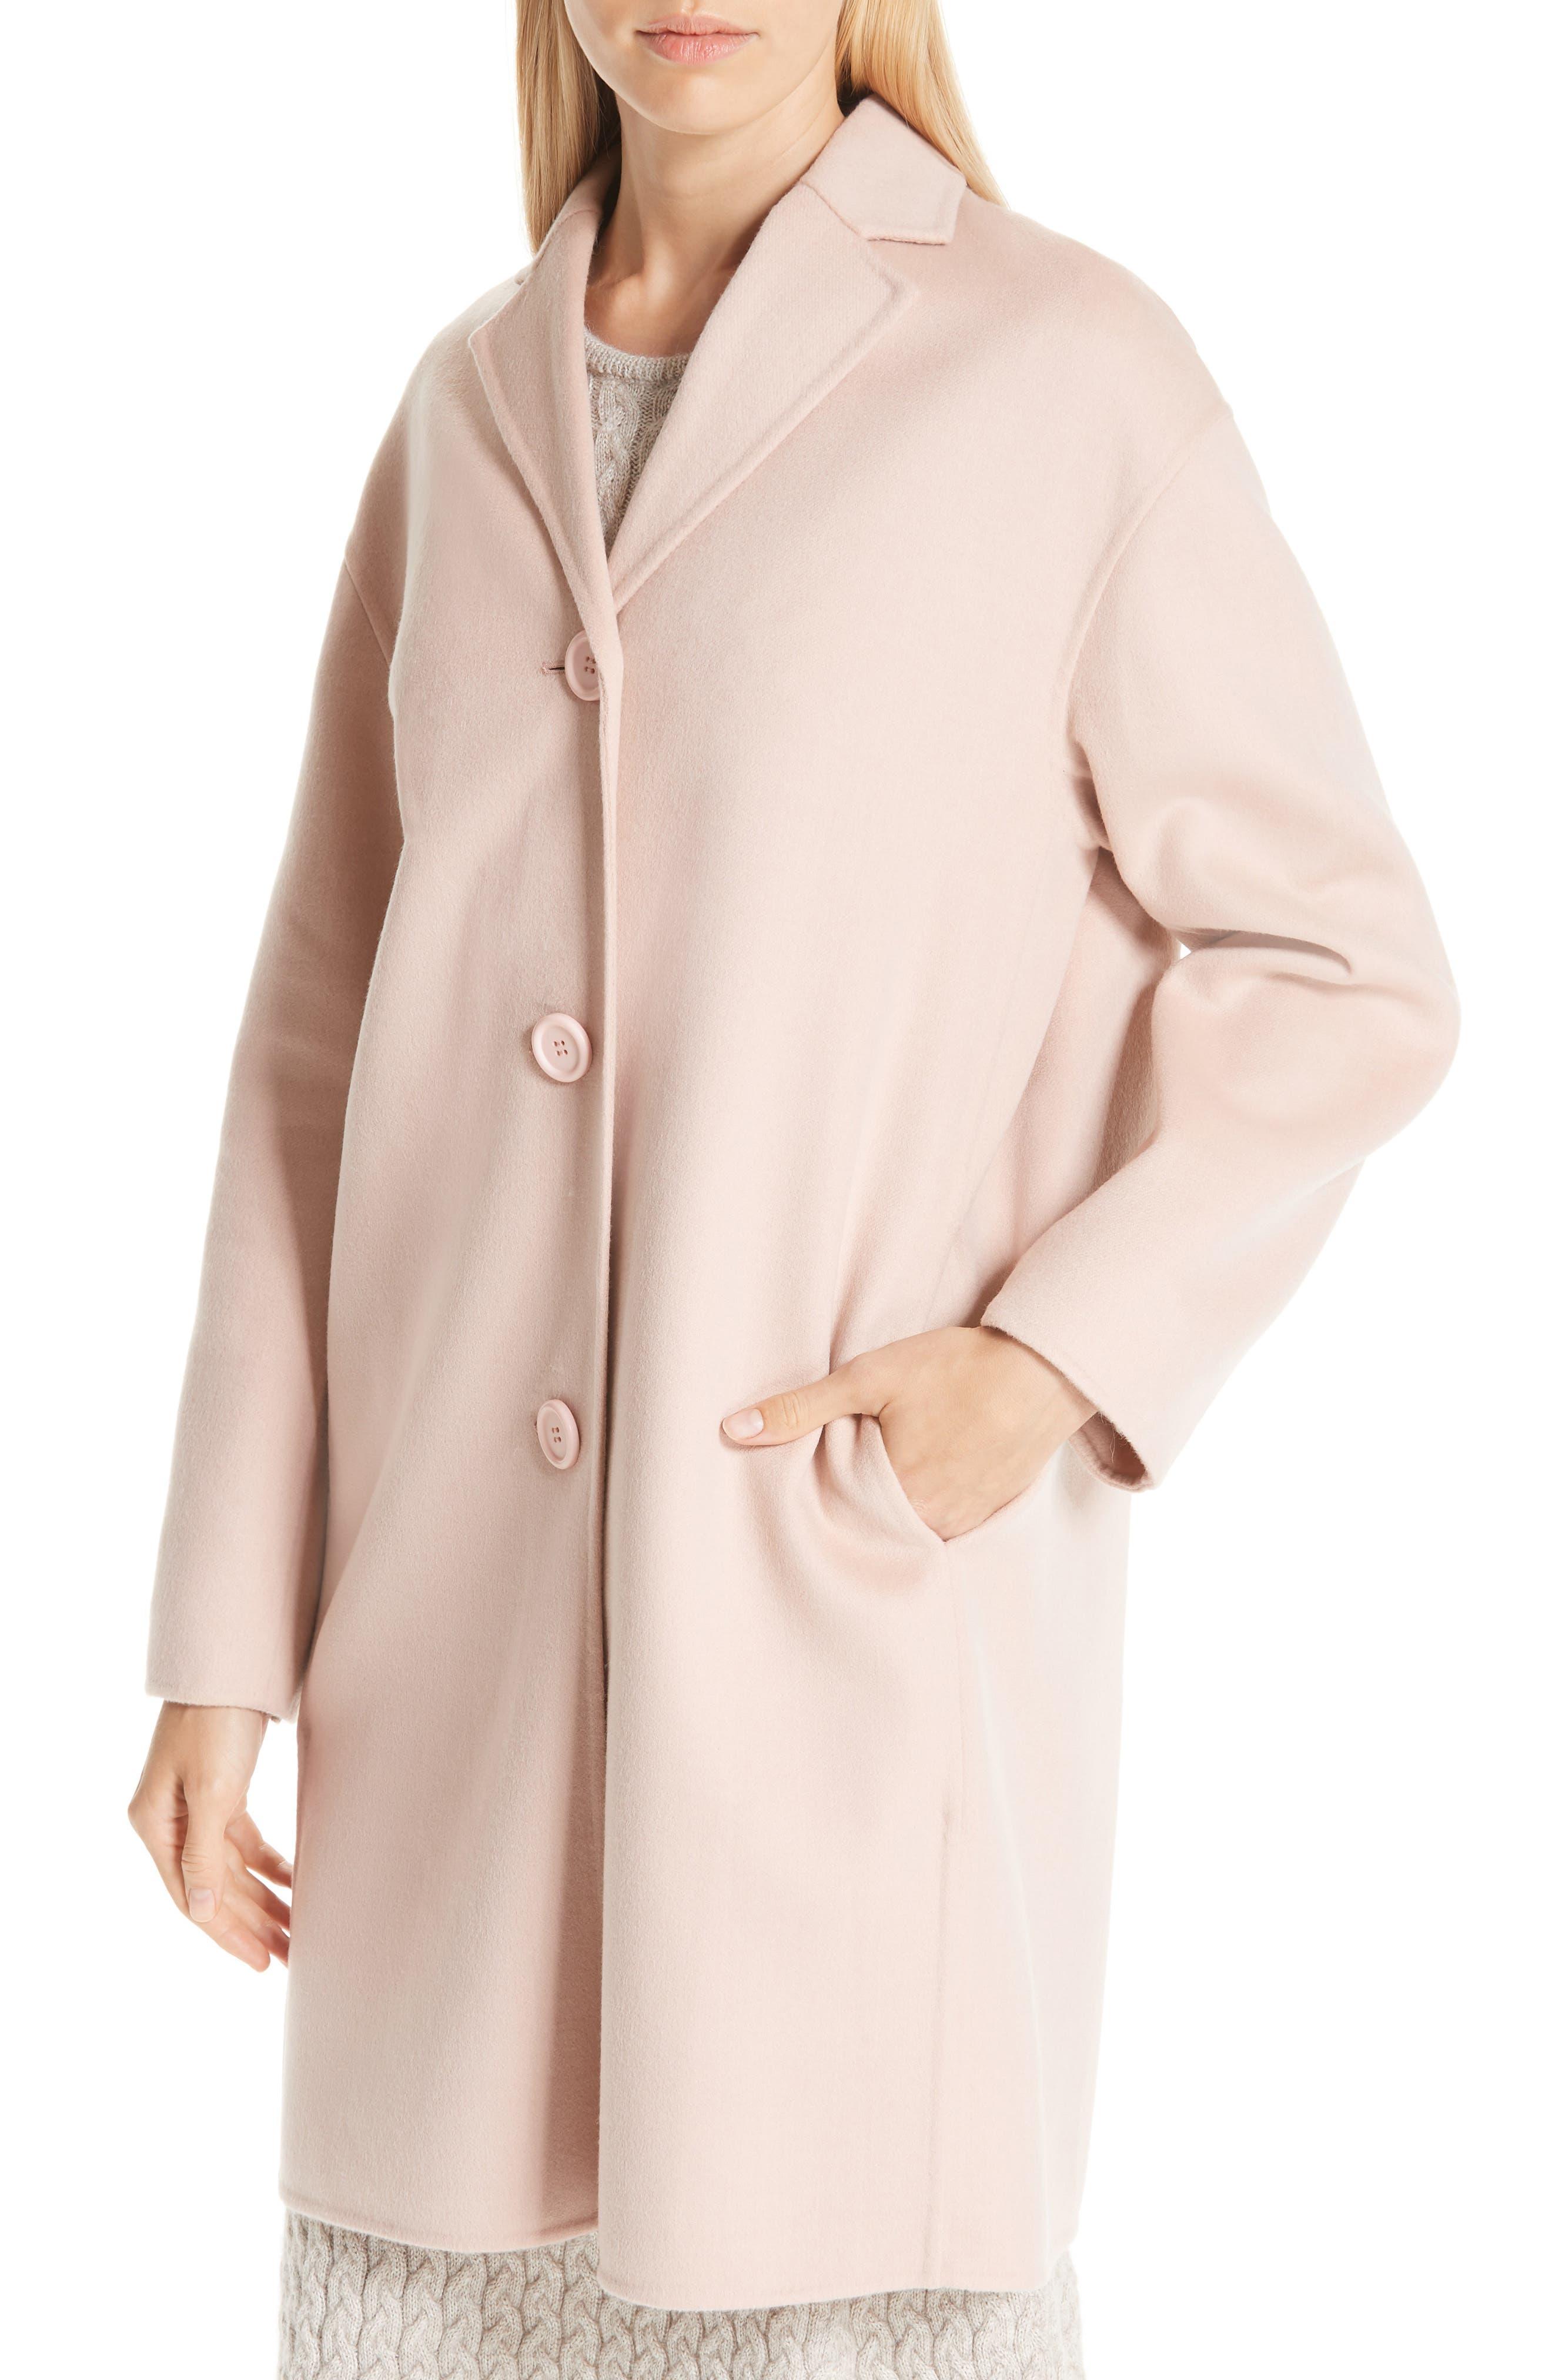 MANSUR GAVRIEL, Wool & Cashmere Coat, Alternate thumbnail 4, color, 650